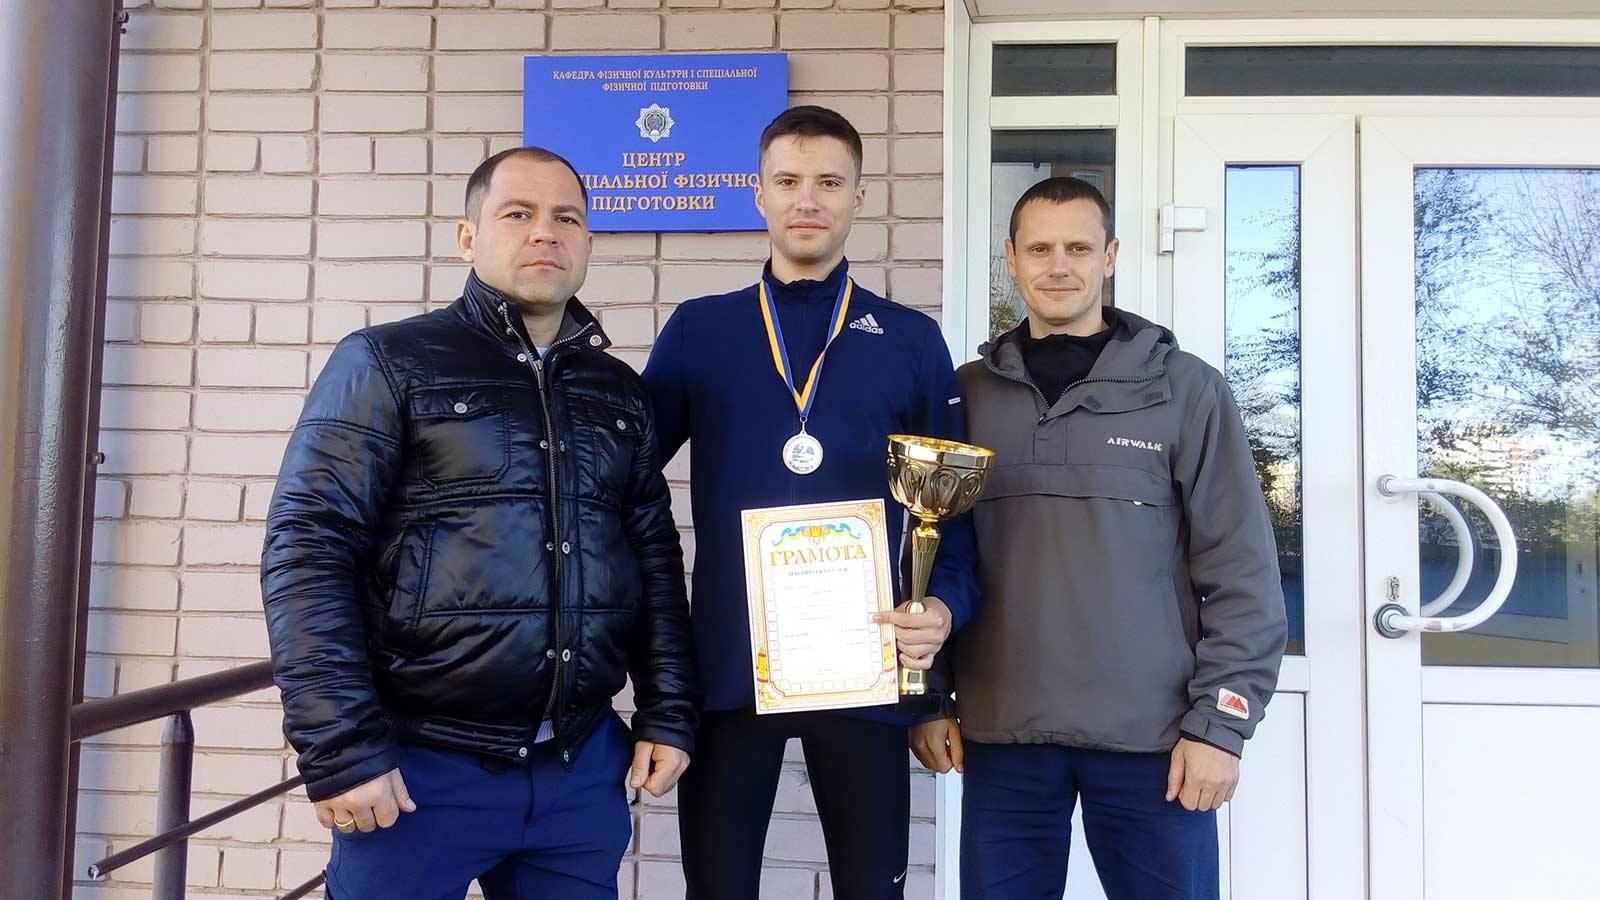 Чемпіонат України з легкої атлетики - курсант ДДУВС здобув срібло.